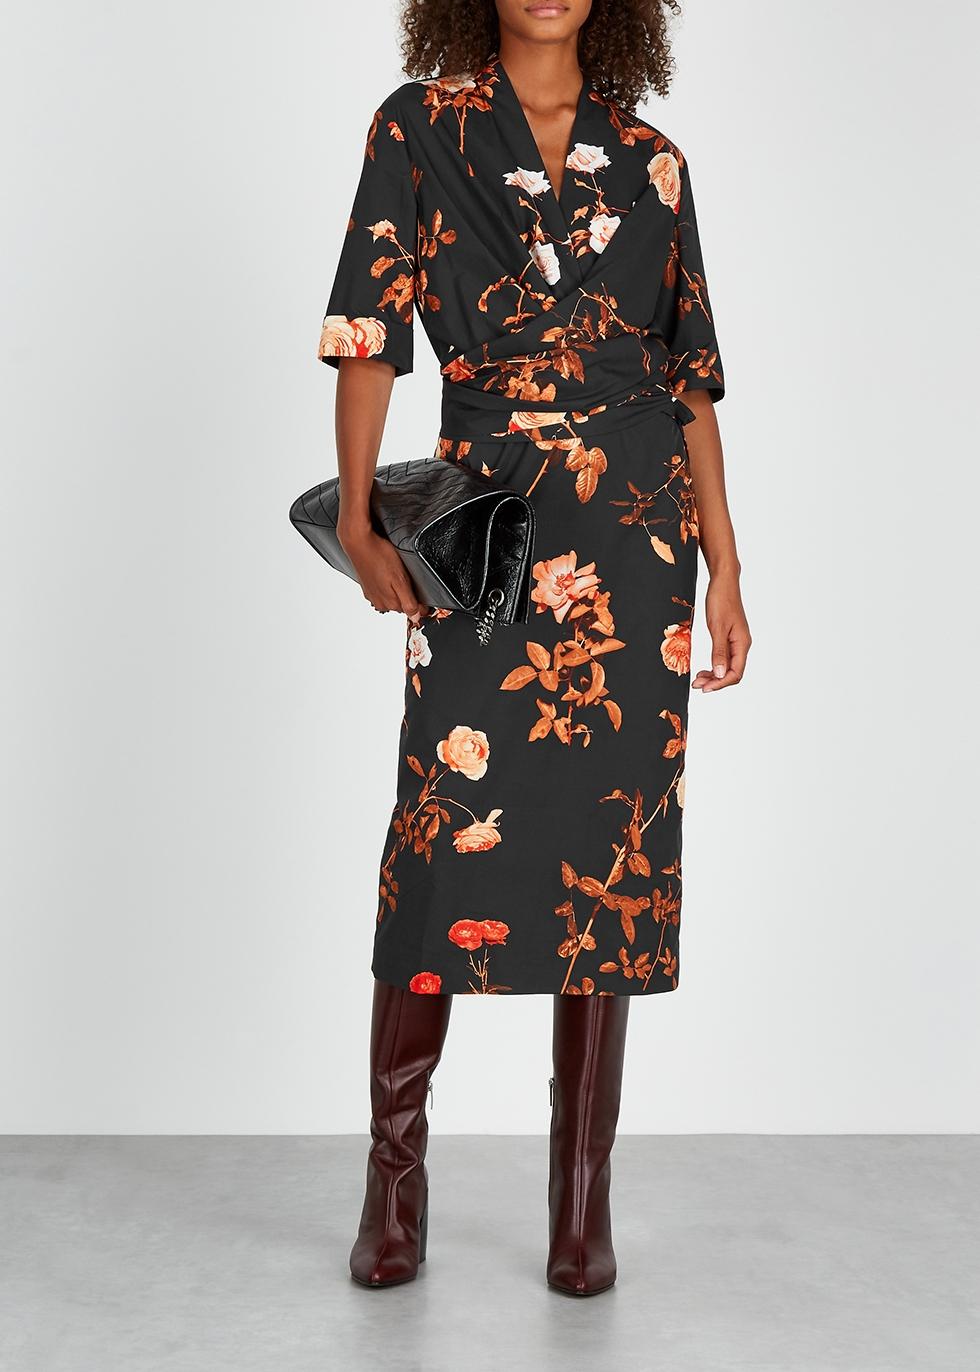 dcca49c00f Dries Van Noten - Designer Shoes & Dresses - Harvey Nichols